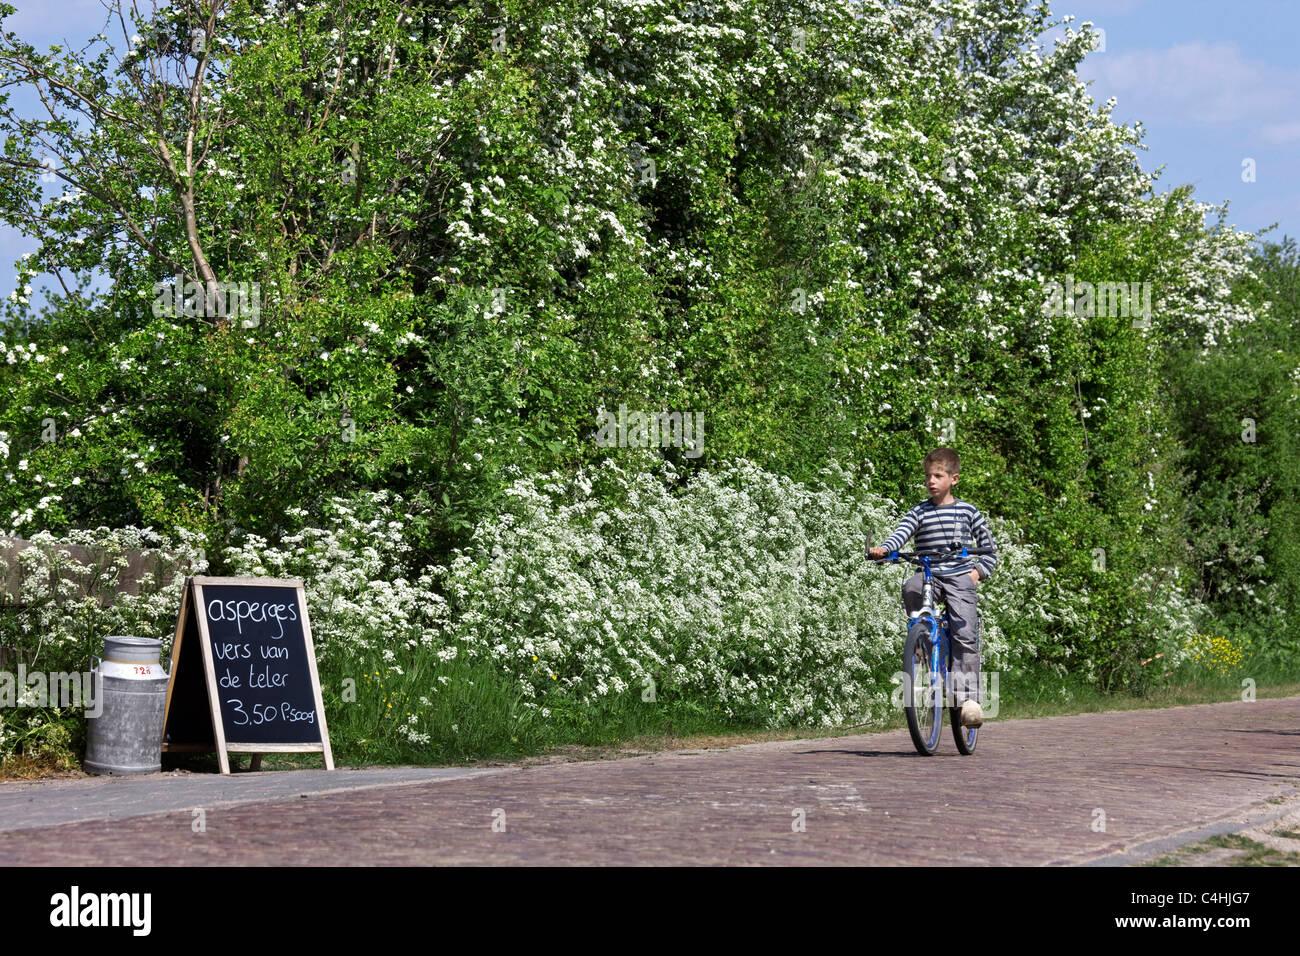 Agricoltore e la bacheca e ragazzo olandese con zoccoli di legno in sella alla bicicletta Schouwen, Schouwen-Duiveland, Immagini Stock